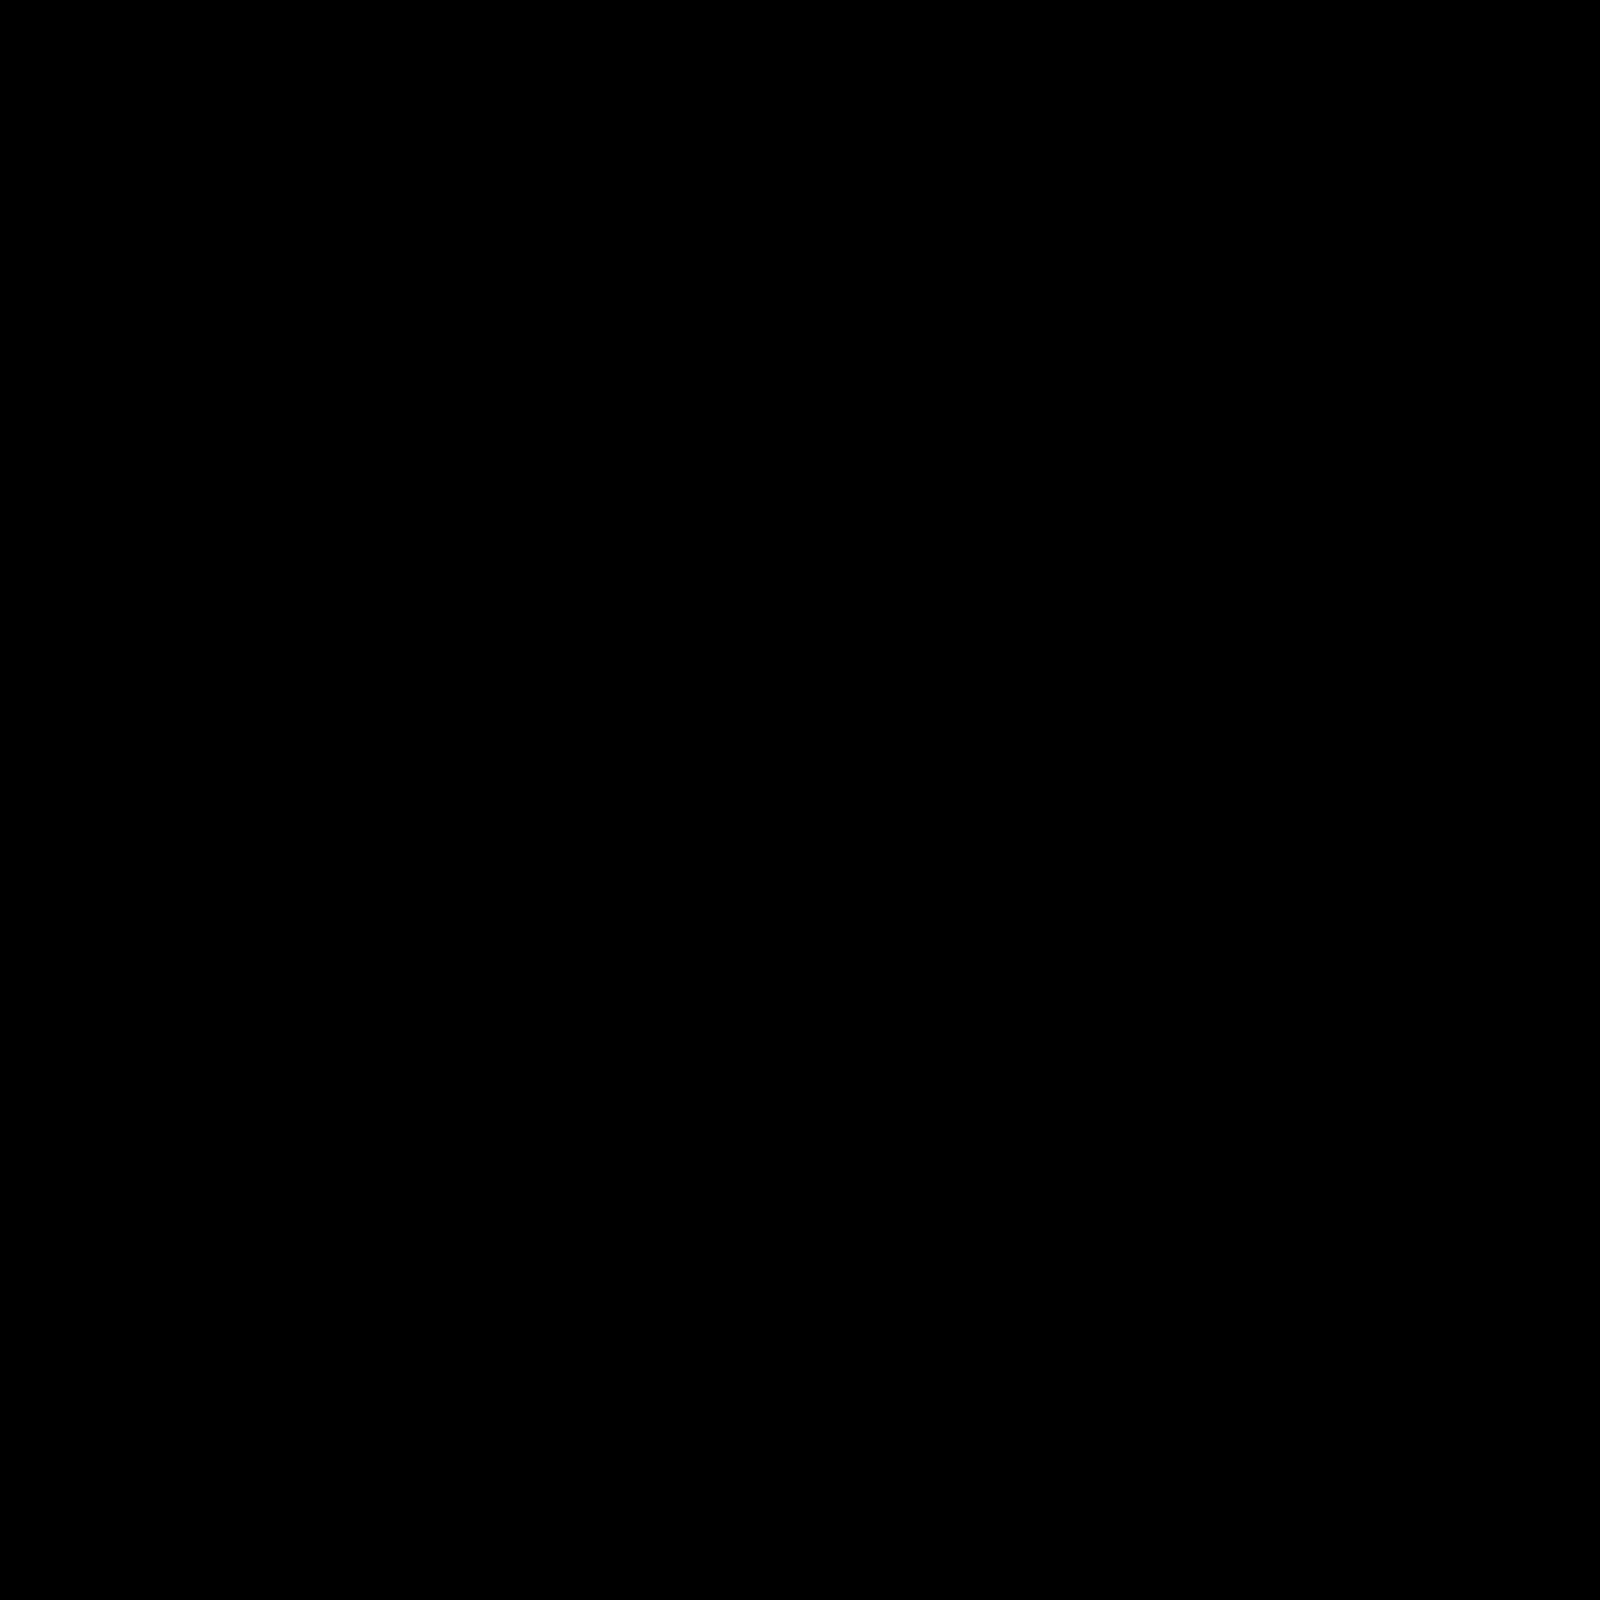 """Résultat de recherche d'images pour """"icon panier"""""""